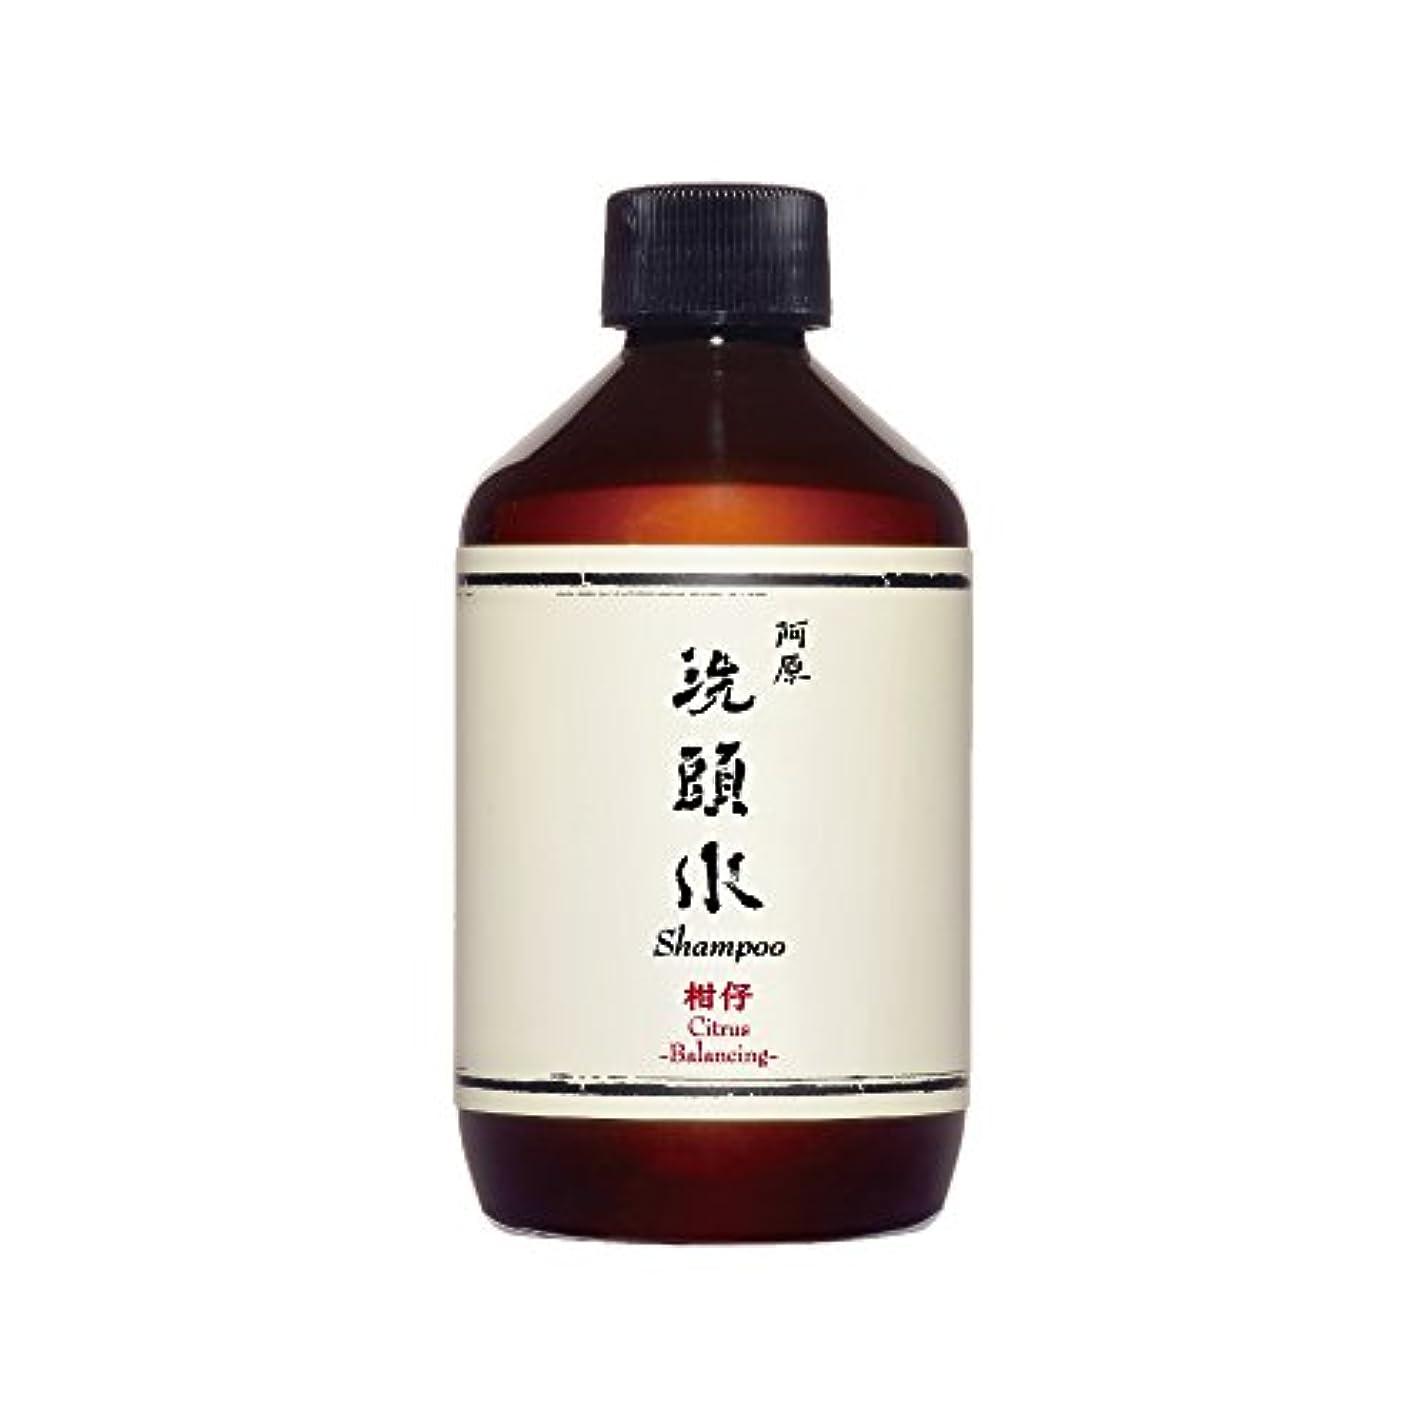 YUAN(ユアン) 柑仔(ミカン)スカルプシャンプー 50ml